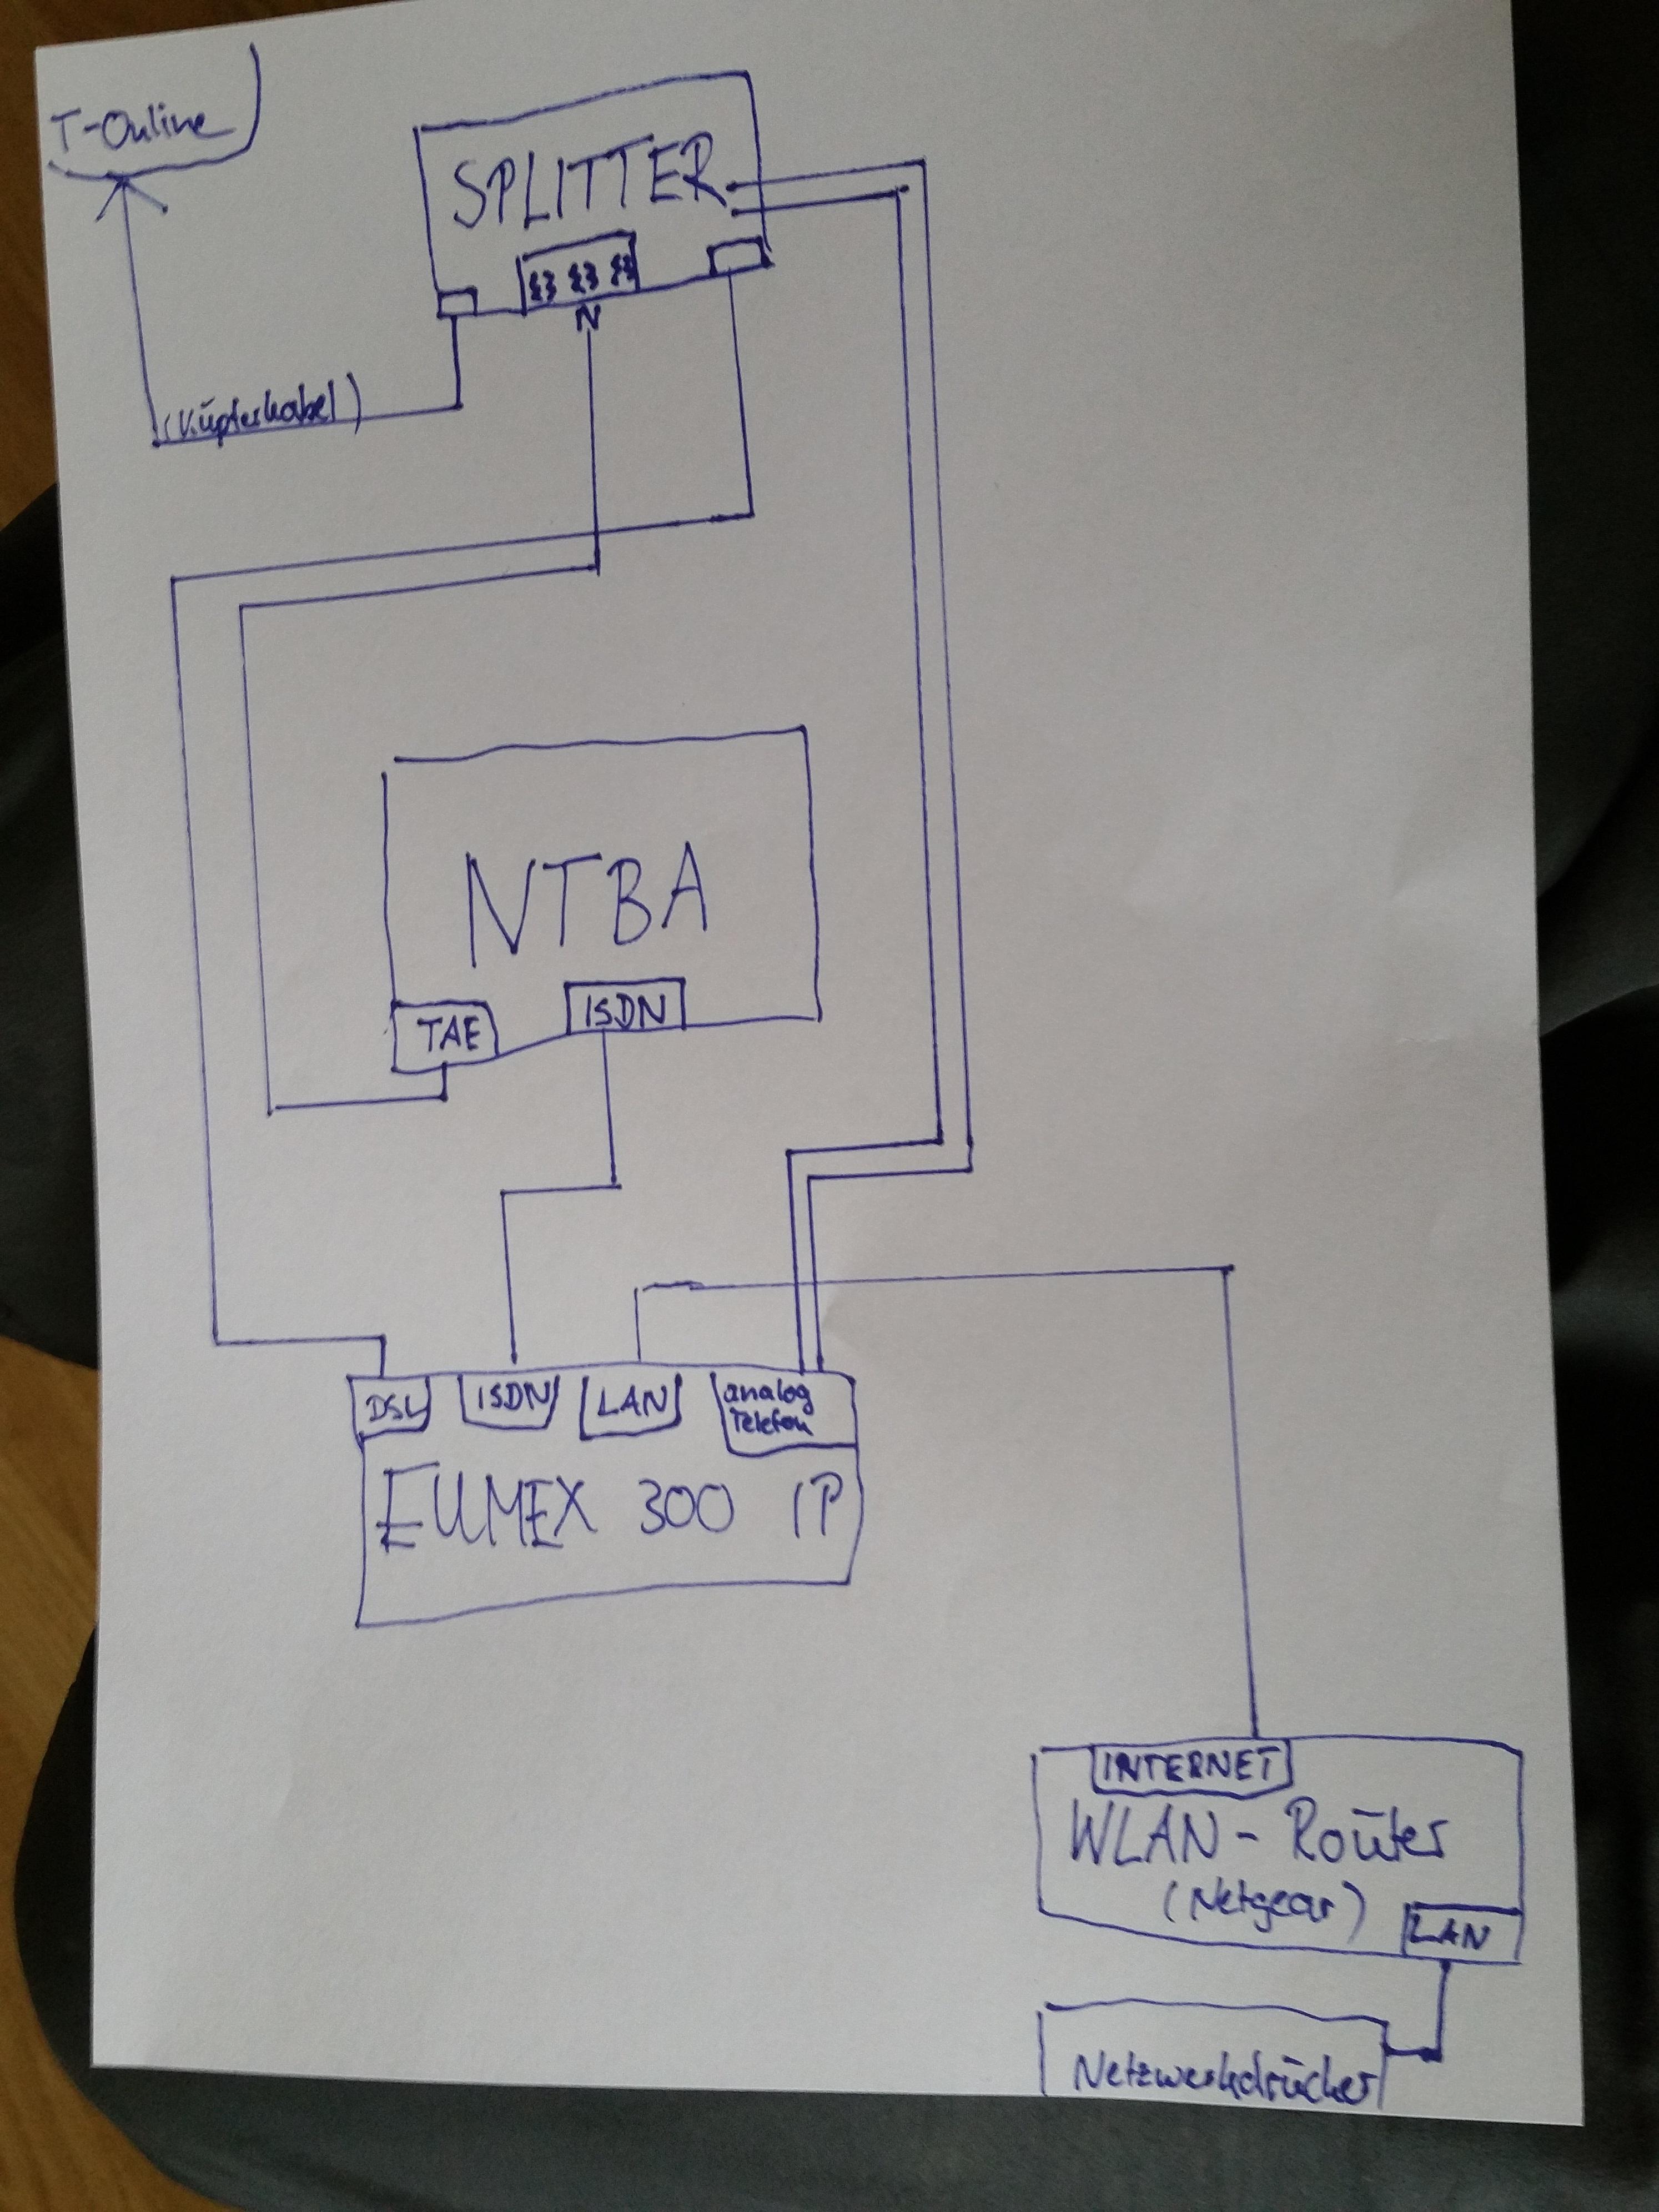 Wunderbar Internet Schaltplan Ideen - Elektrische Schaltplan-Ideen ...